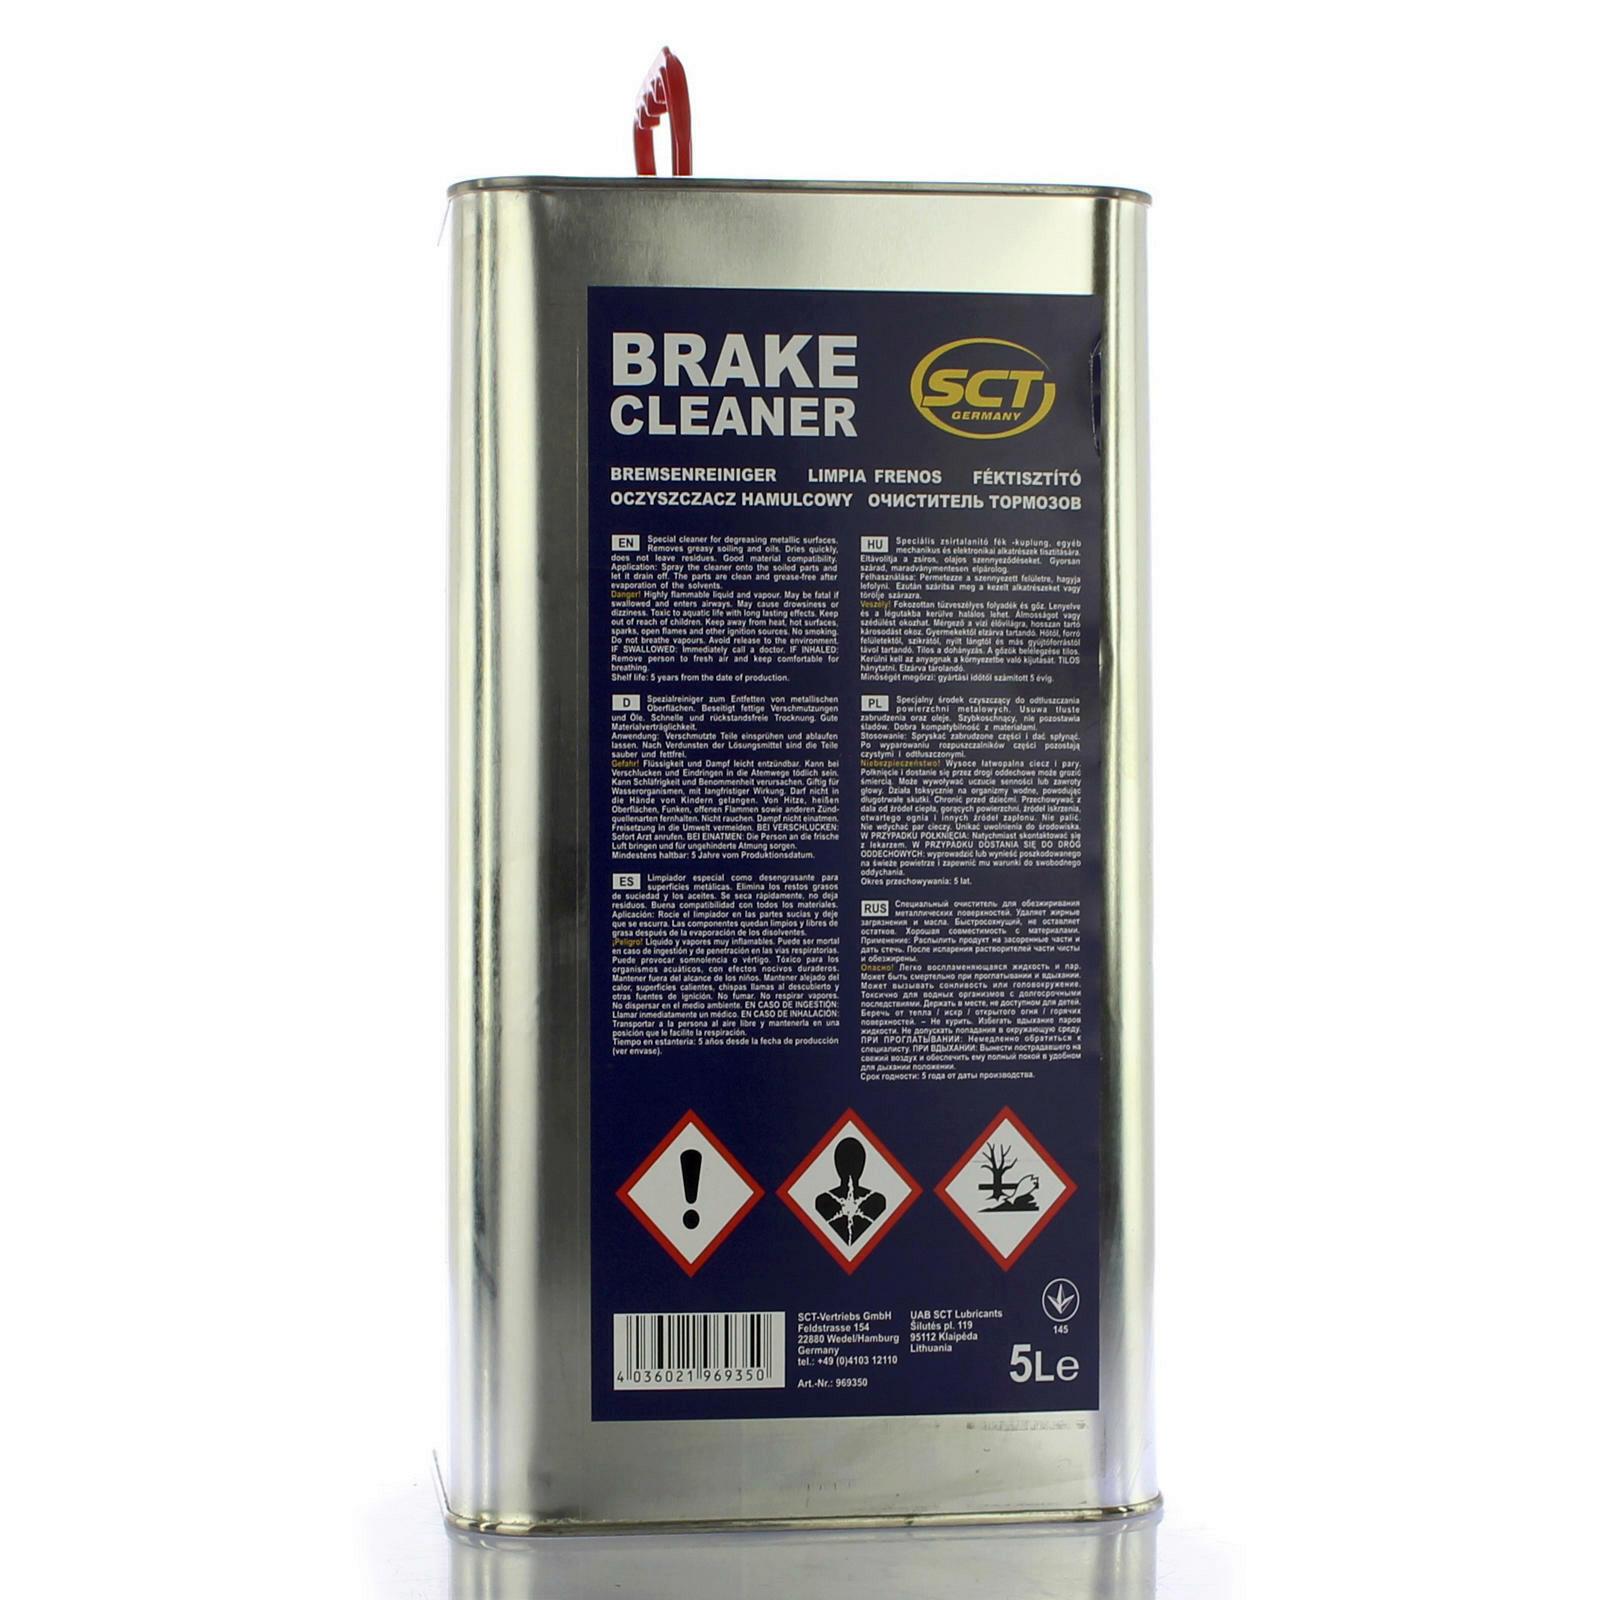 5 Liter Mannol Bremsenreiniger